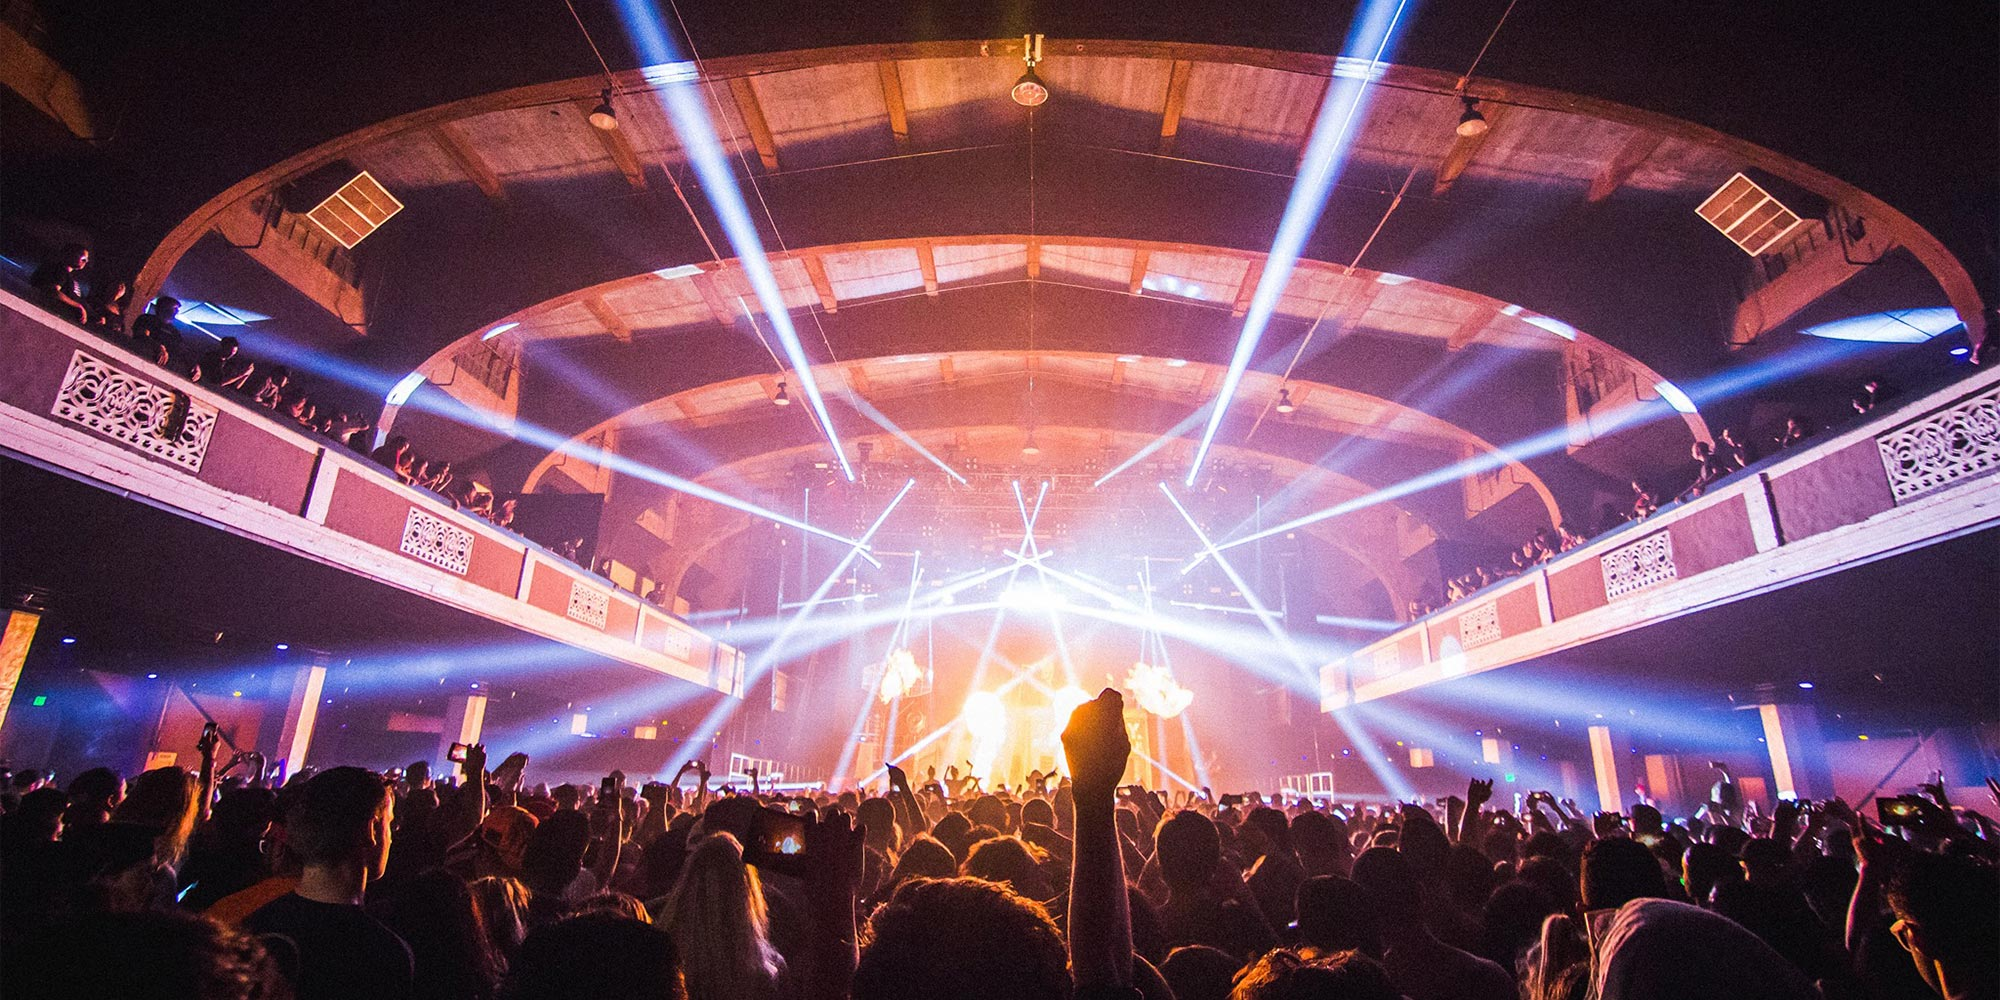 Shrine Auditorium for live music in Los Angeles, California.